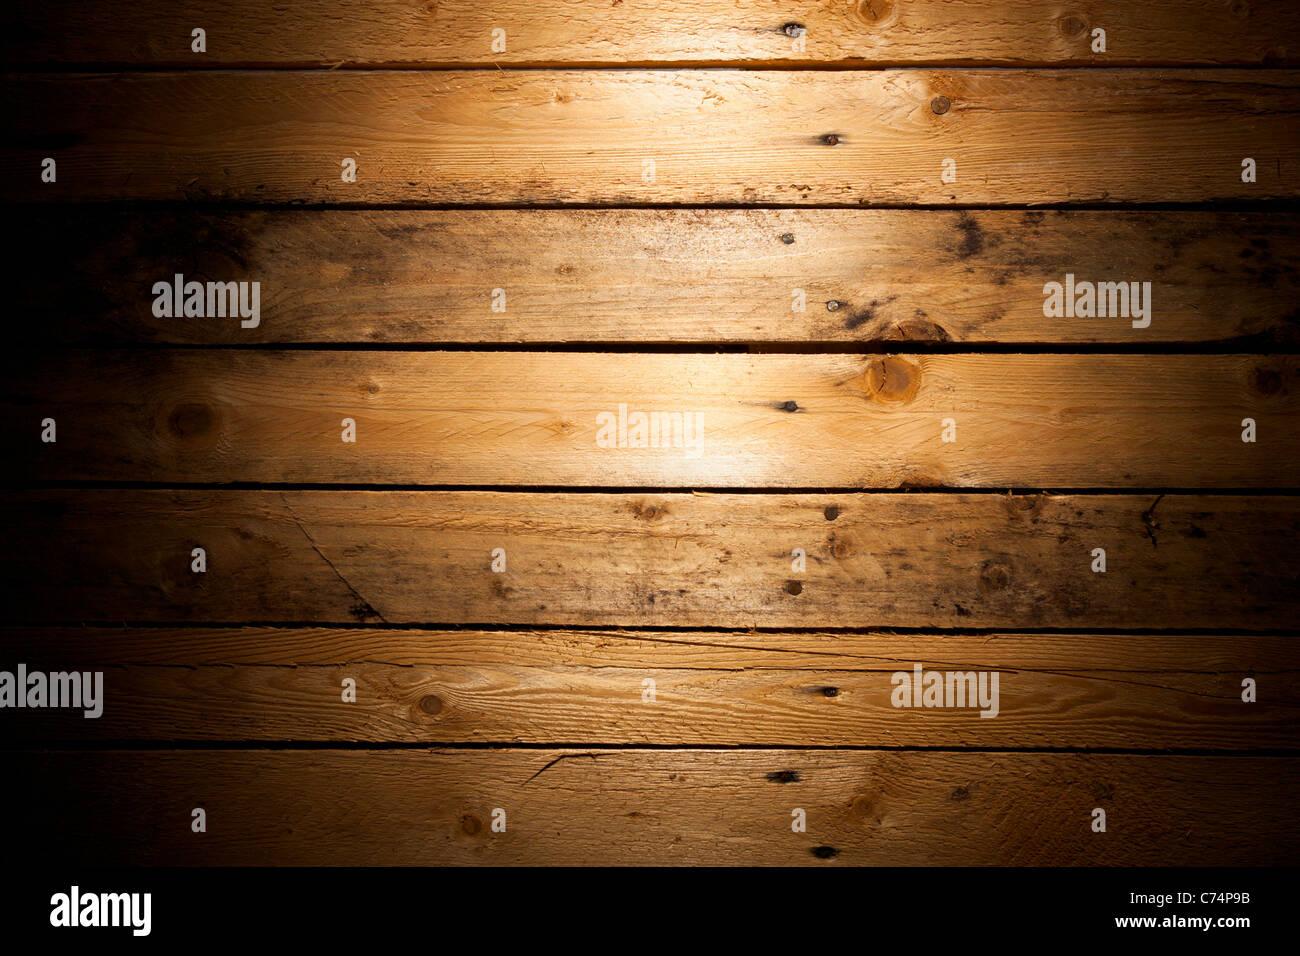 In legno di pino (Deal) Texture con vignette Immagini Stock